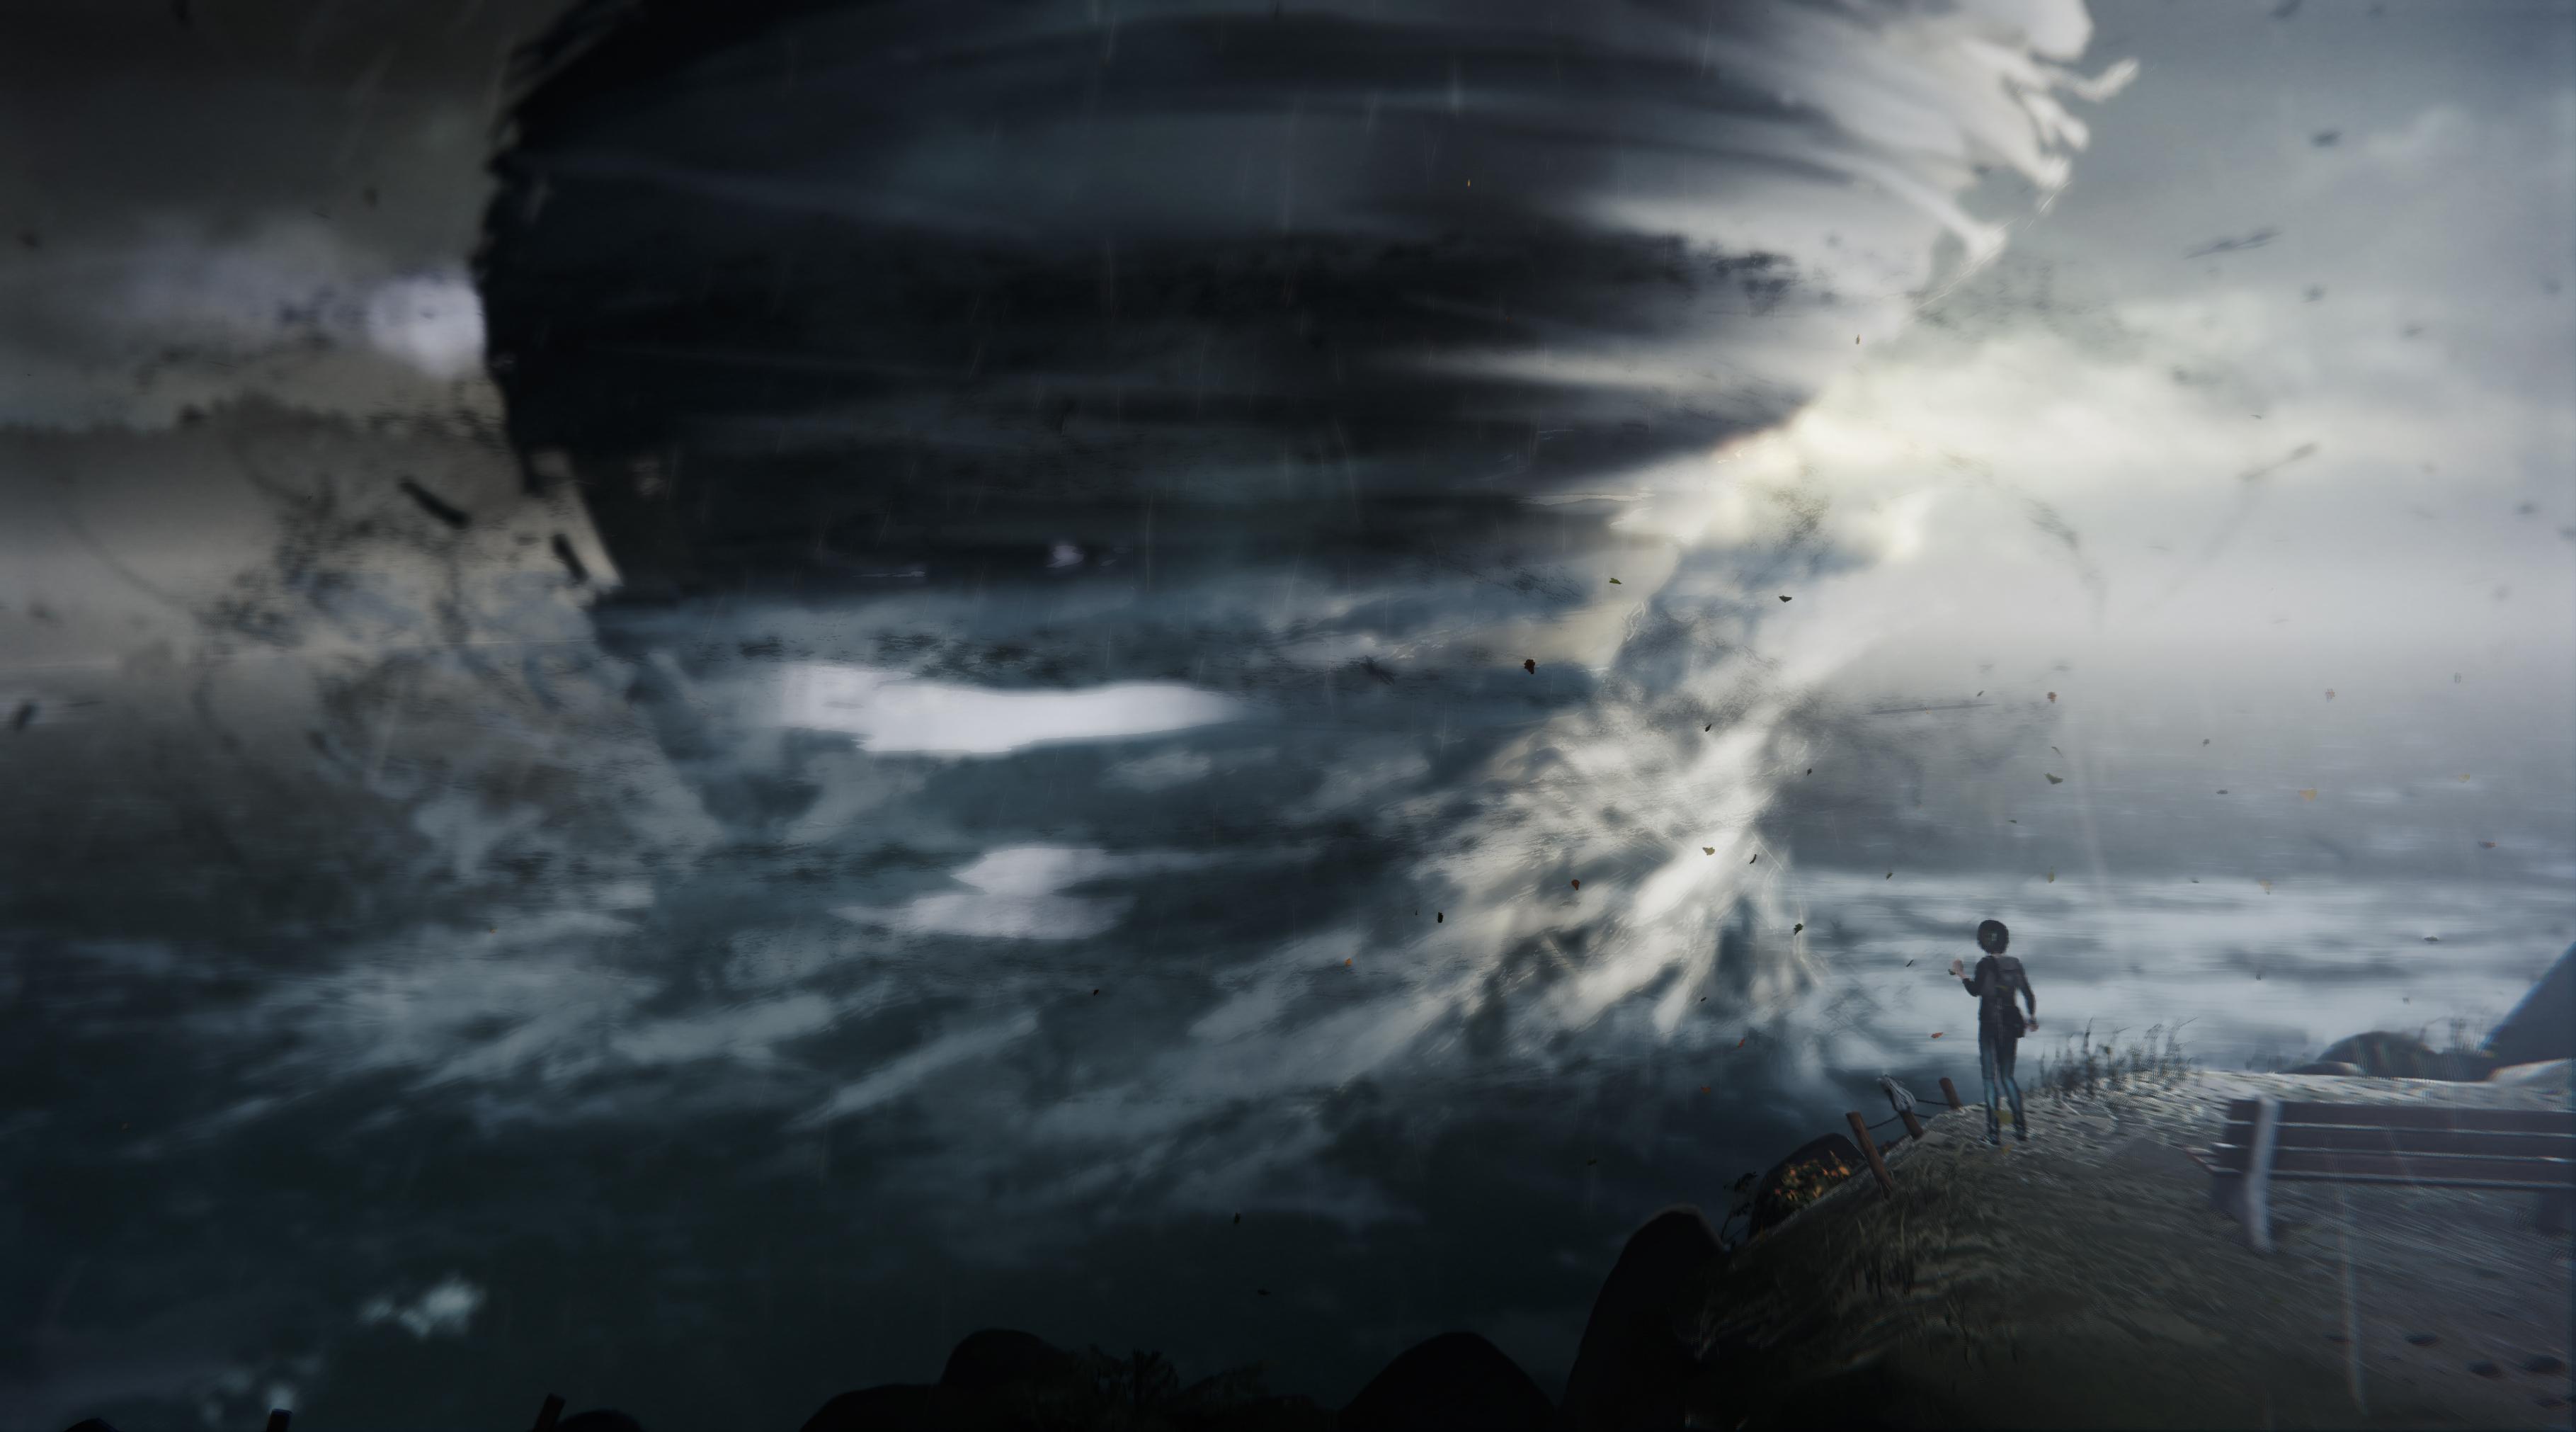 http://www.brokenjoysticks.net/wp-content/uploads/2015/10/Tornado.jpg